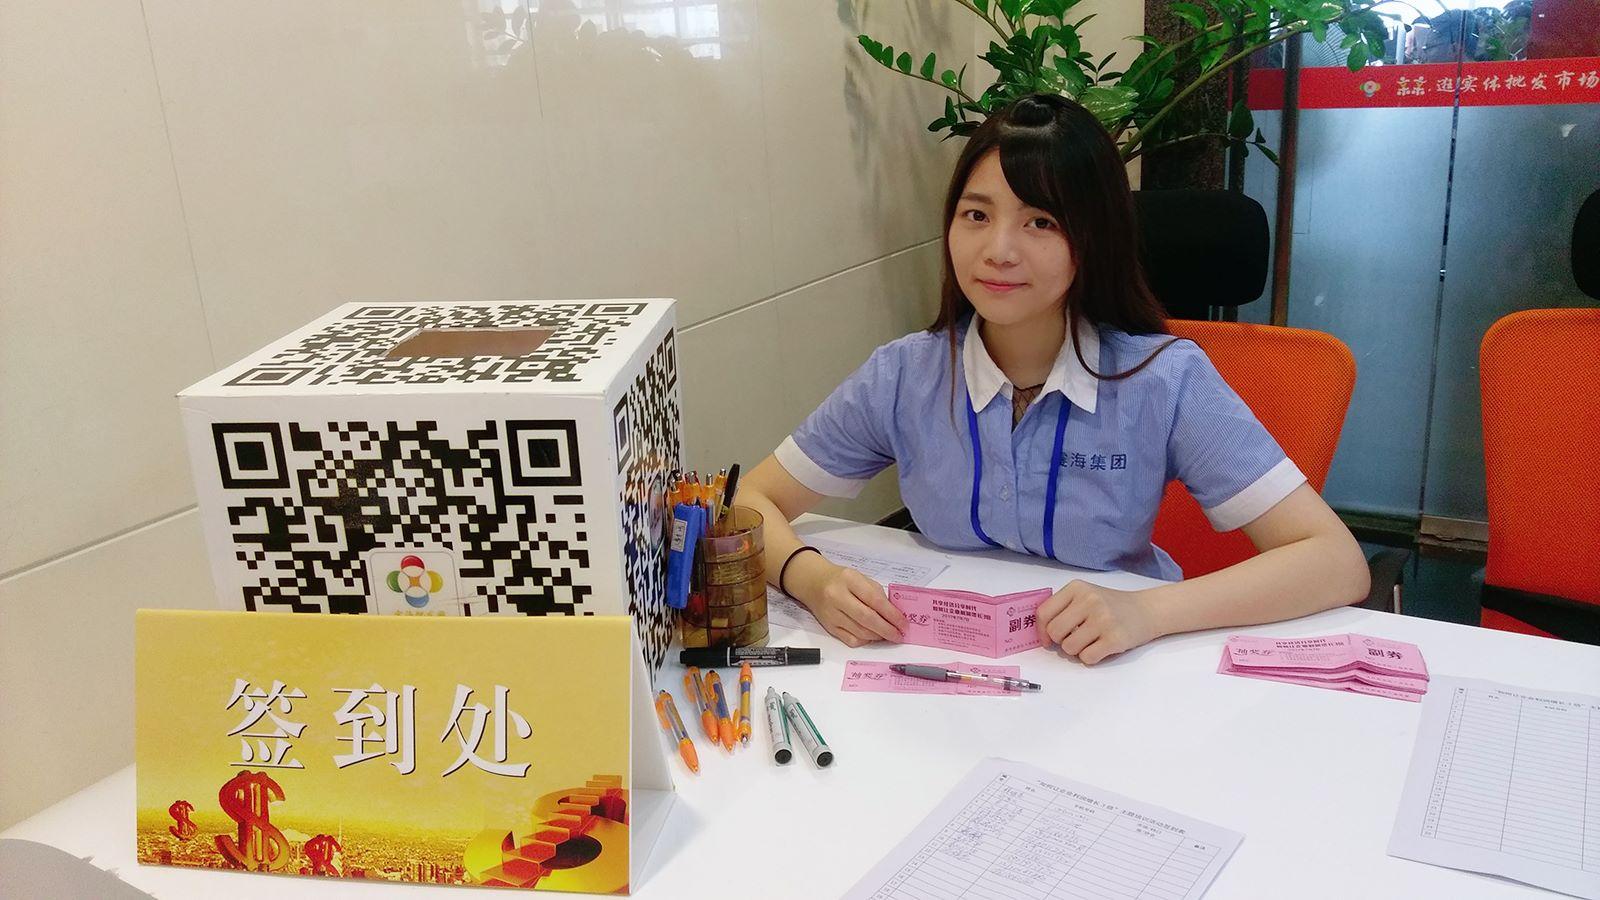 給聯合-資管系學生吳語喬至廣州震海科技公司參與海外實習03.jpg